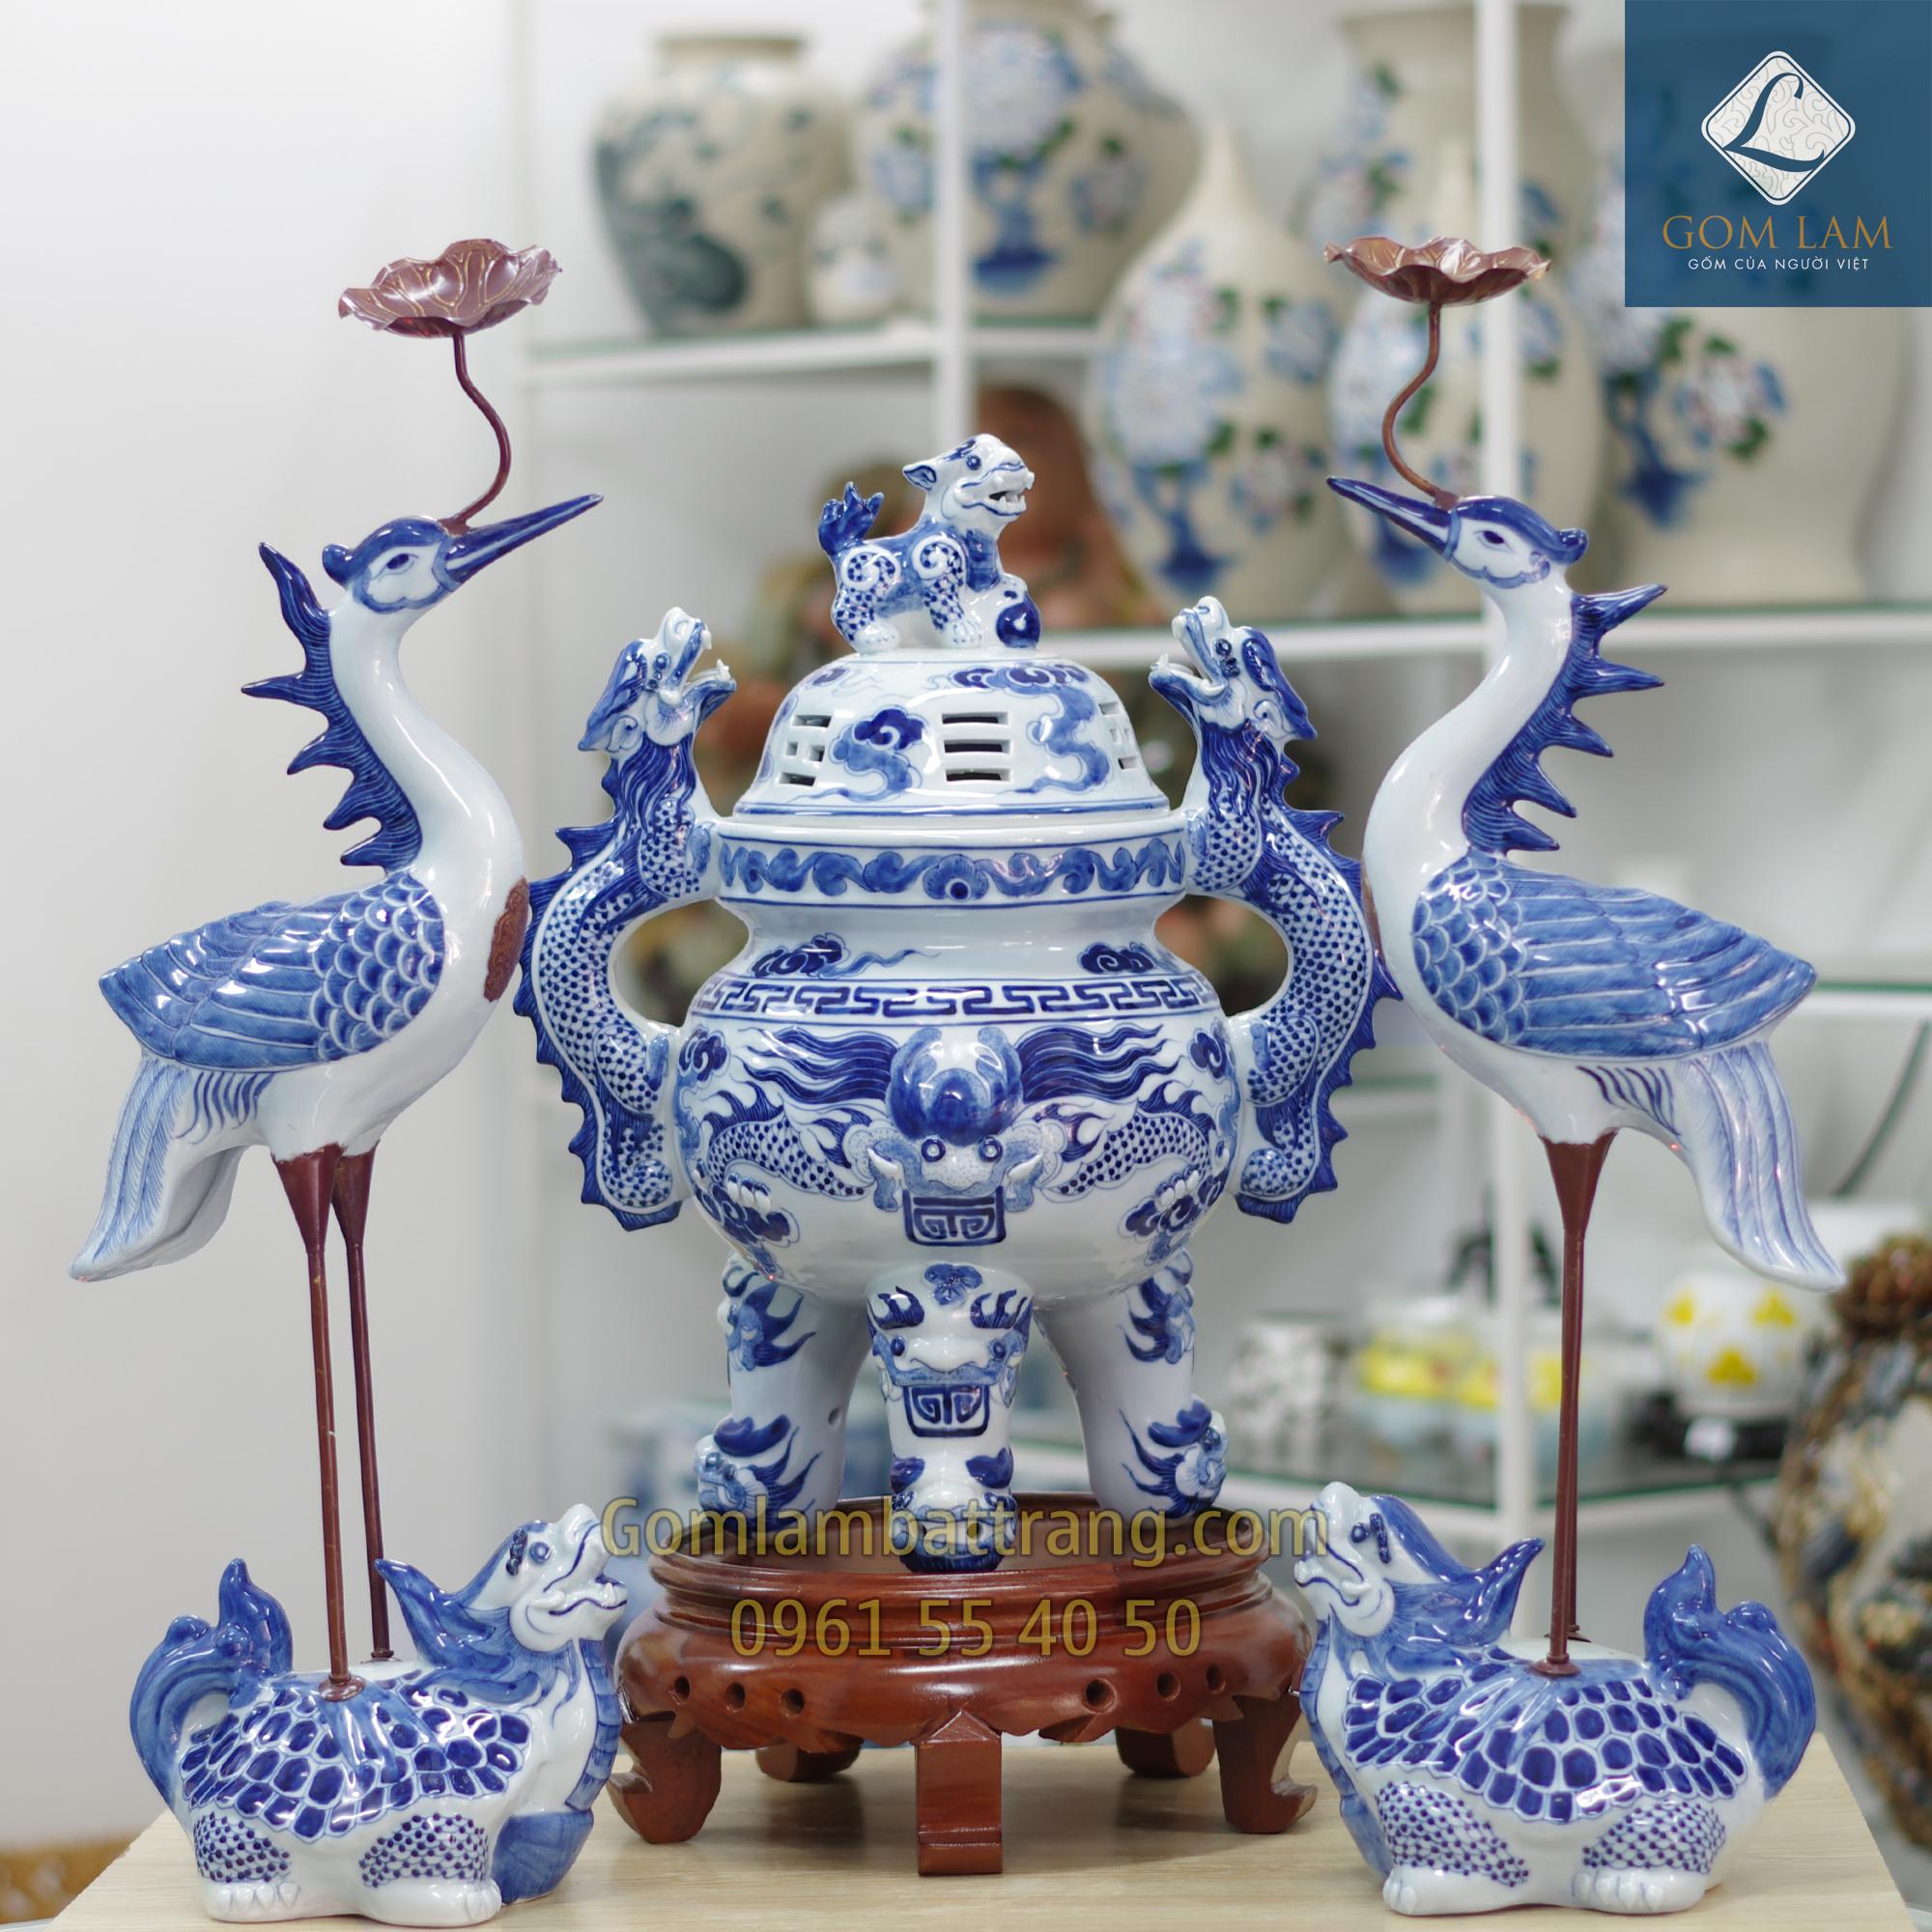 Bộ tam sự đỉnh hạc men xanh ngọc Gốm Lam Bát Tràng